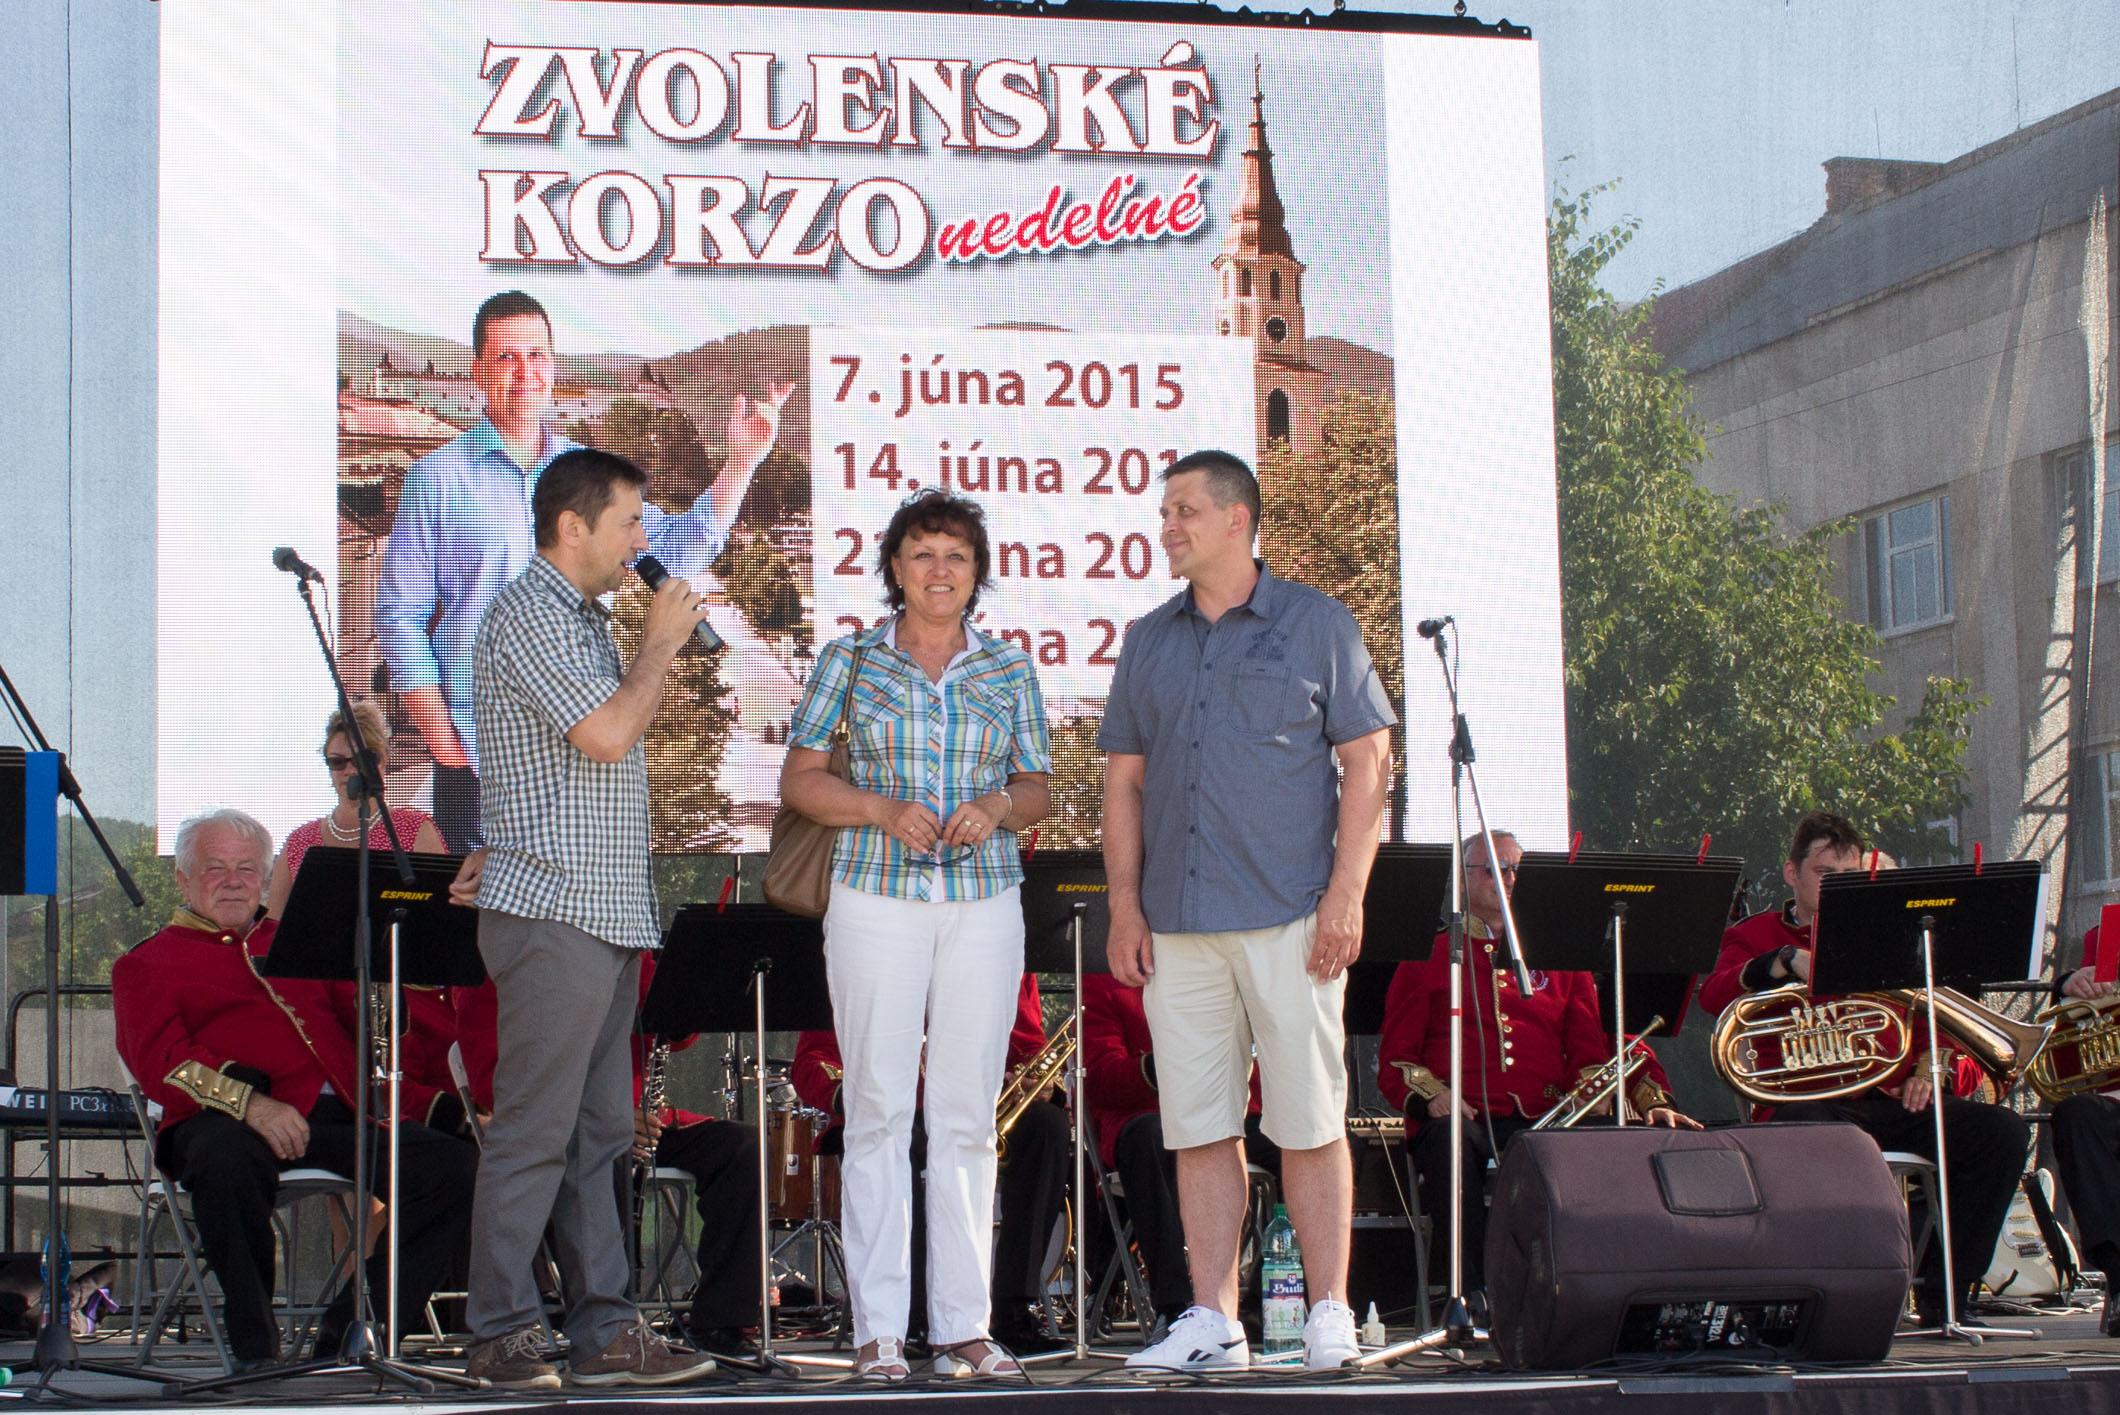 stehlik-balkovicova-zvolenske-korzo